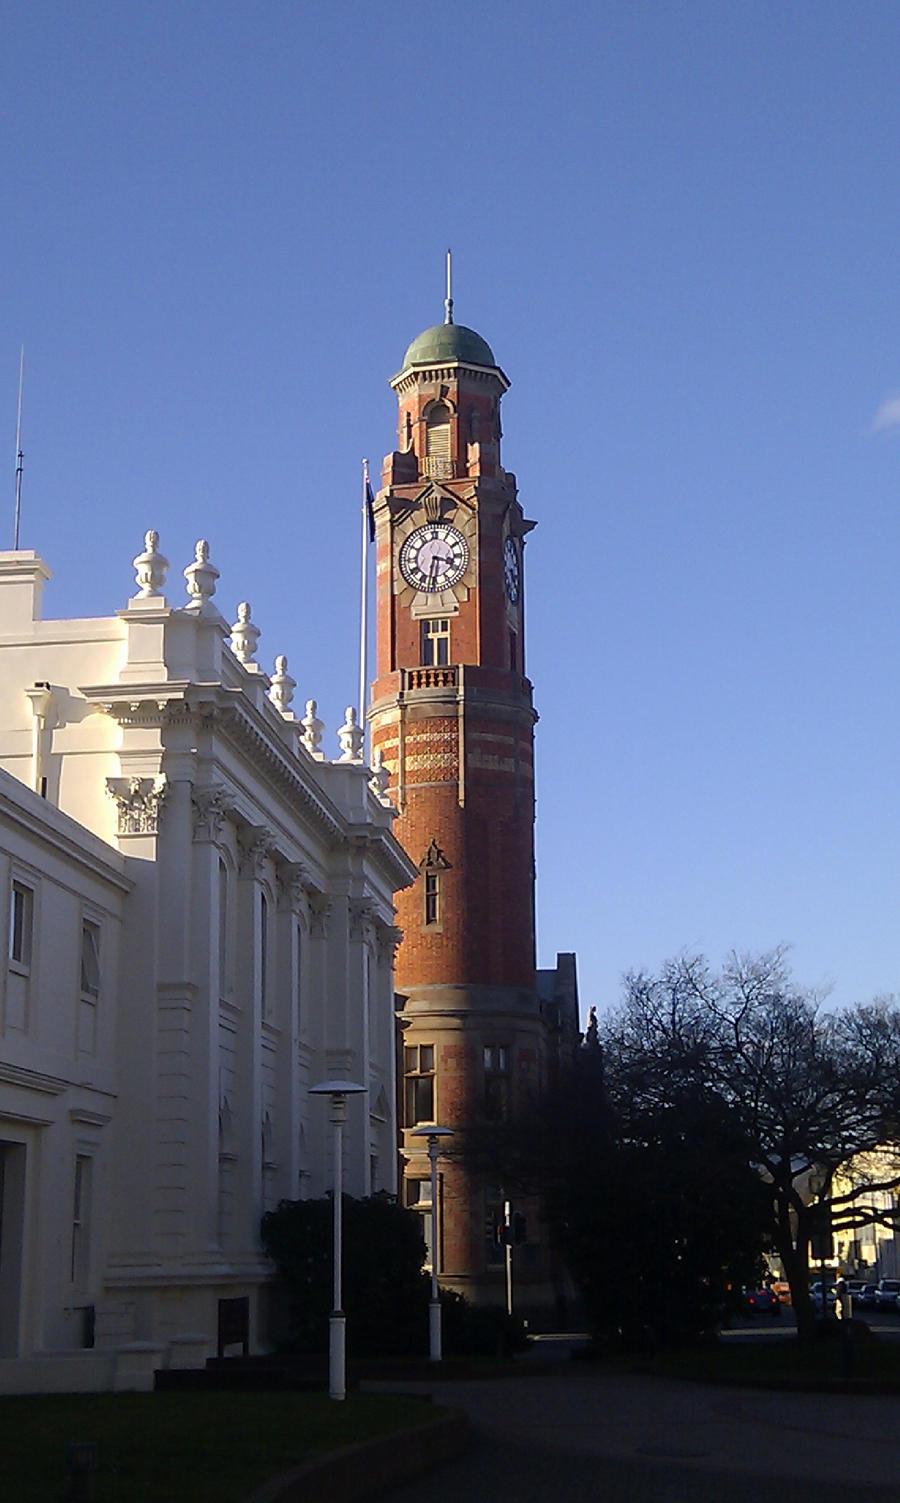 Clock Tower by Rovaniik on DeviantArt